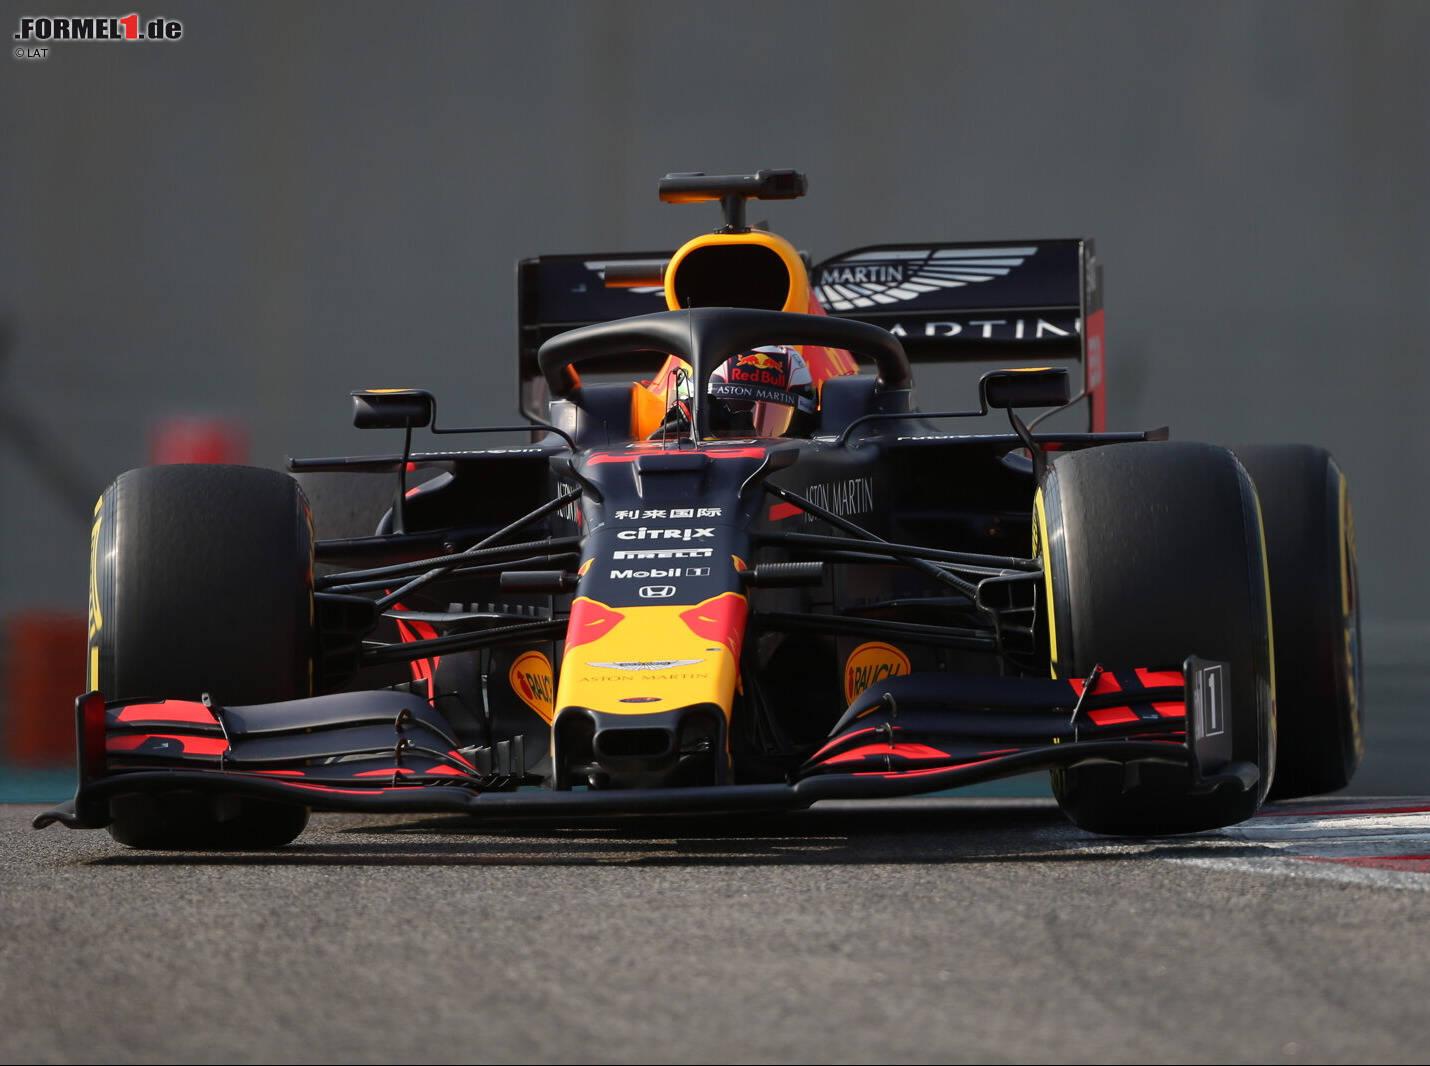 F1 Wm 2020